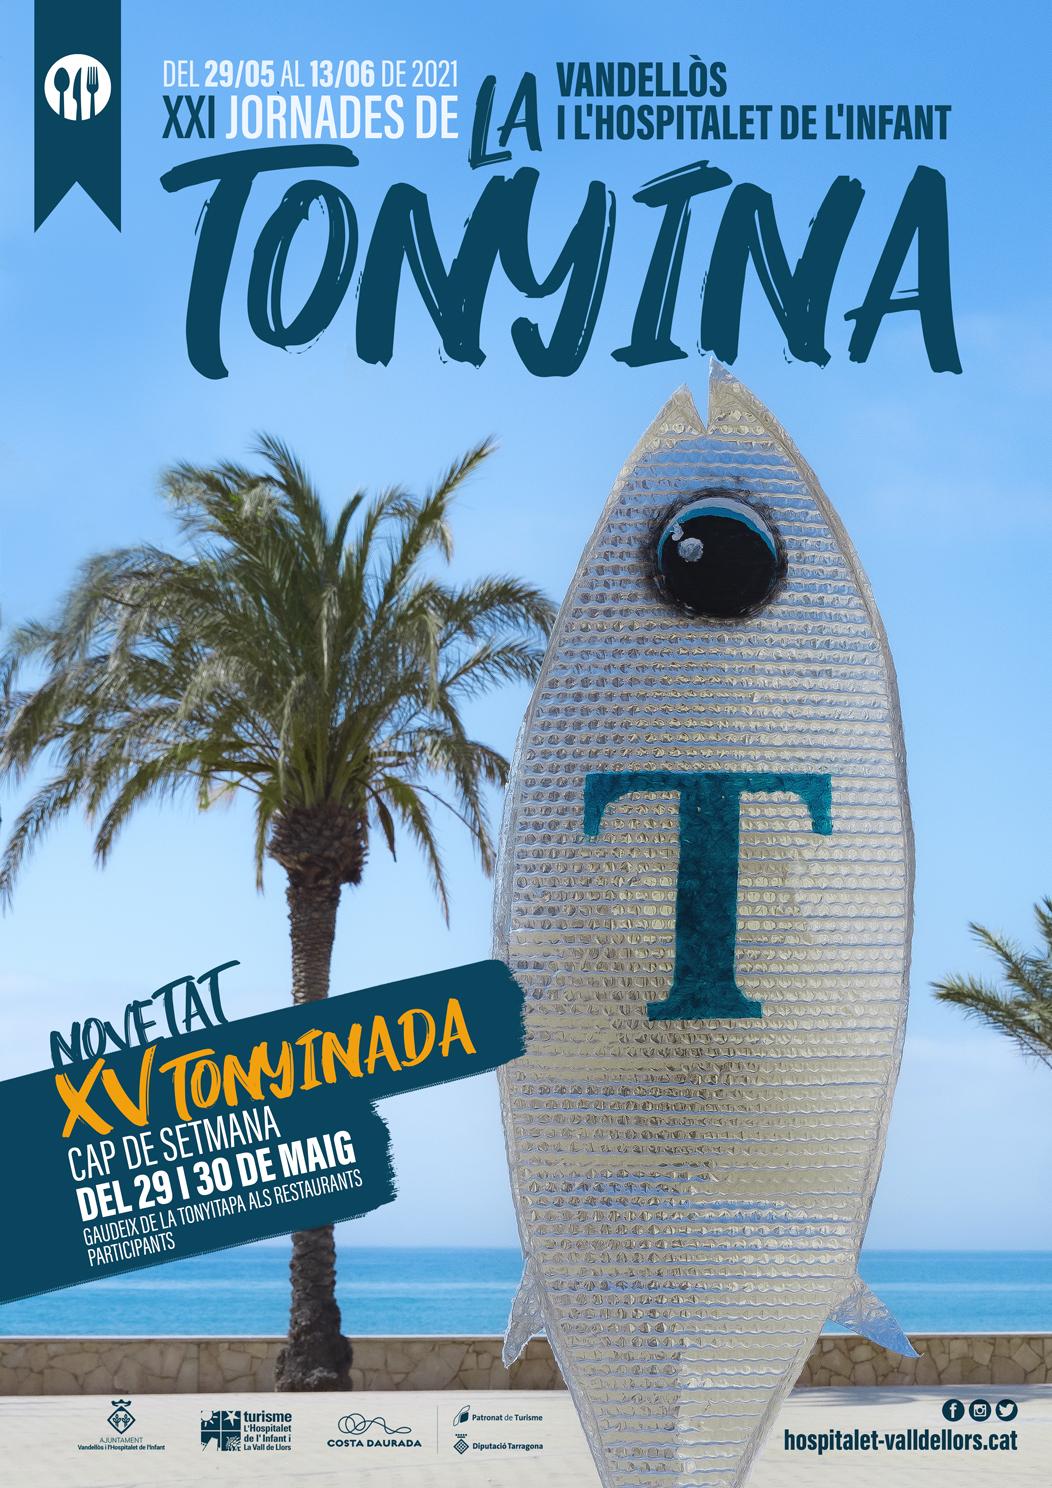 Les XXI Jornades de la tonyina de Vandellòs i l'Hospitalet de l'Infant s'inauguraran els dies 29 i 30 de maig amb una ruta de tapes